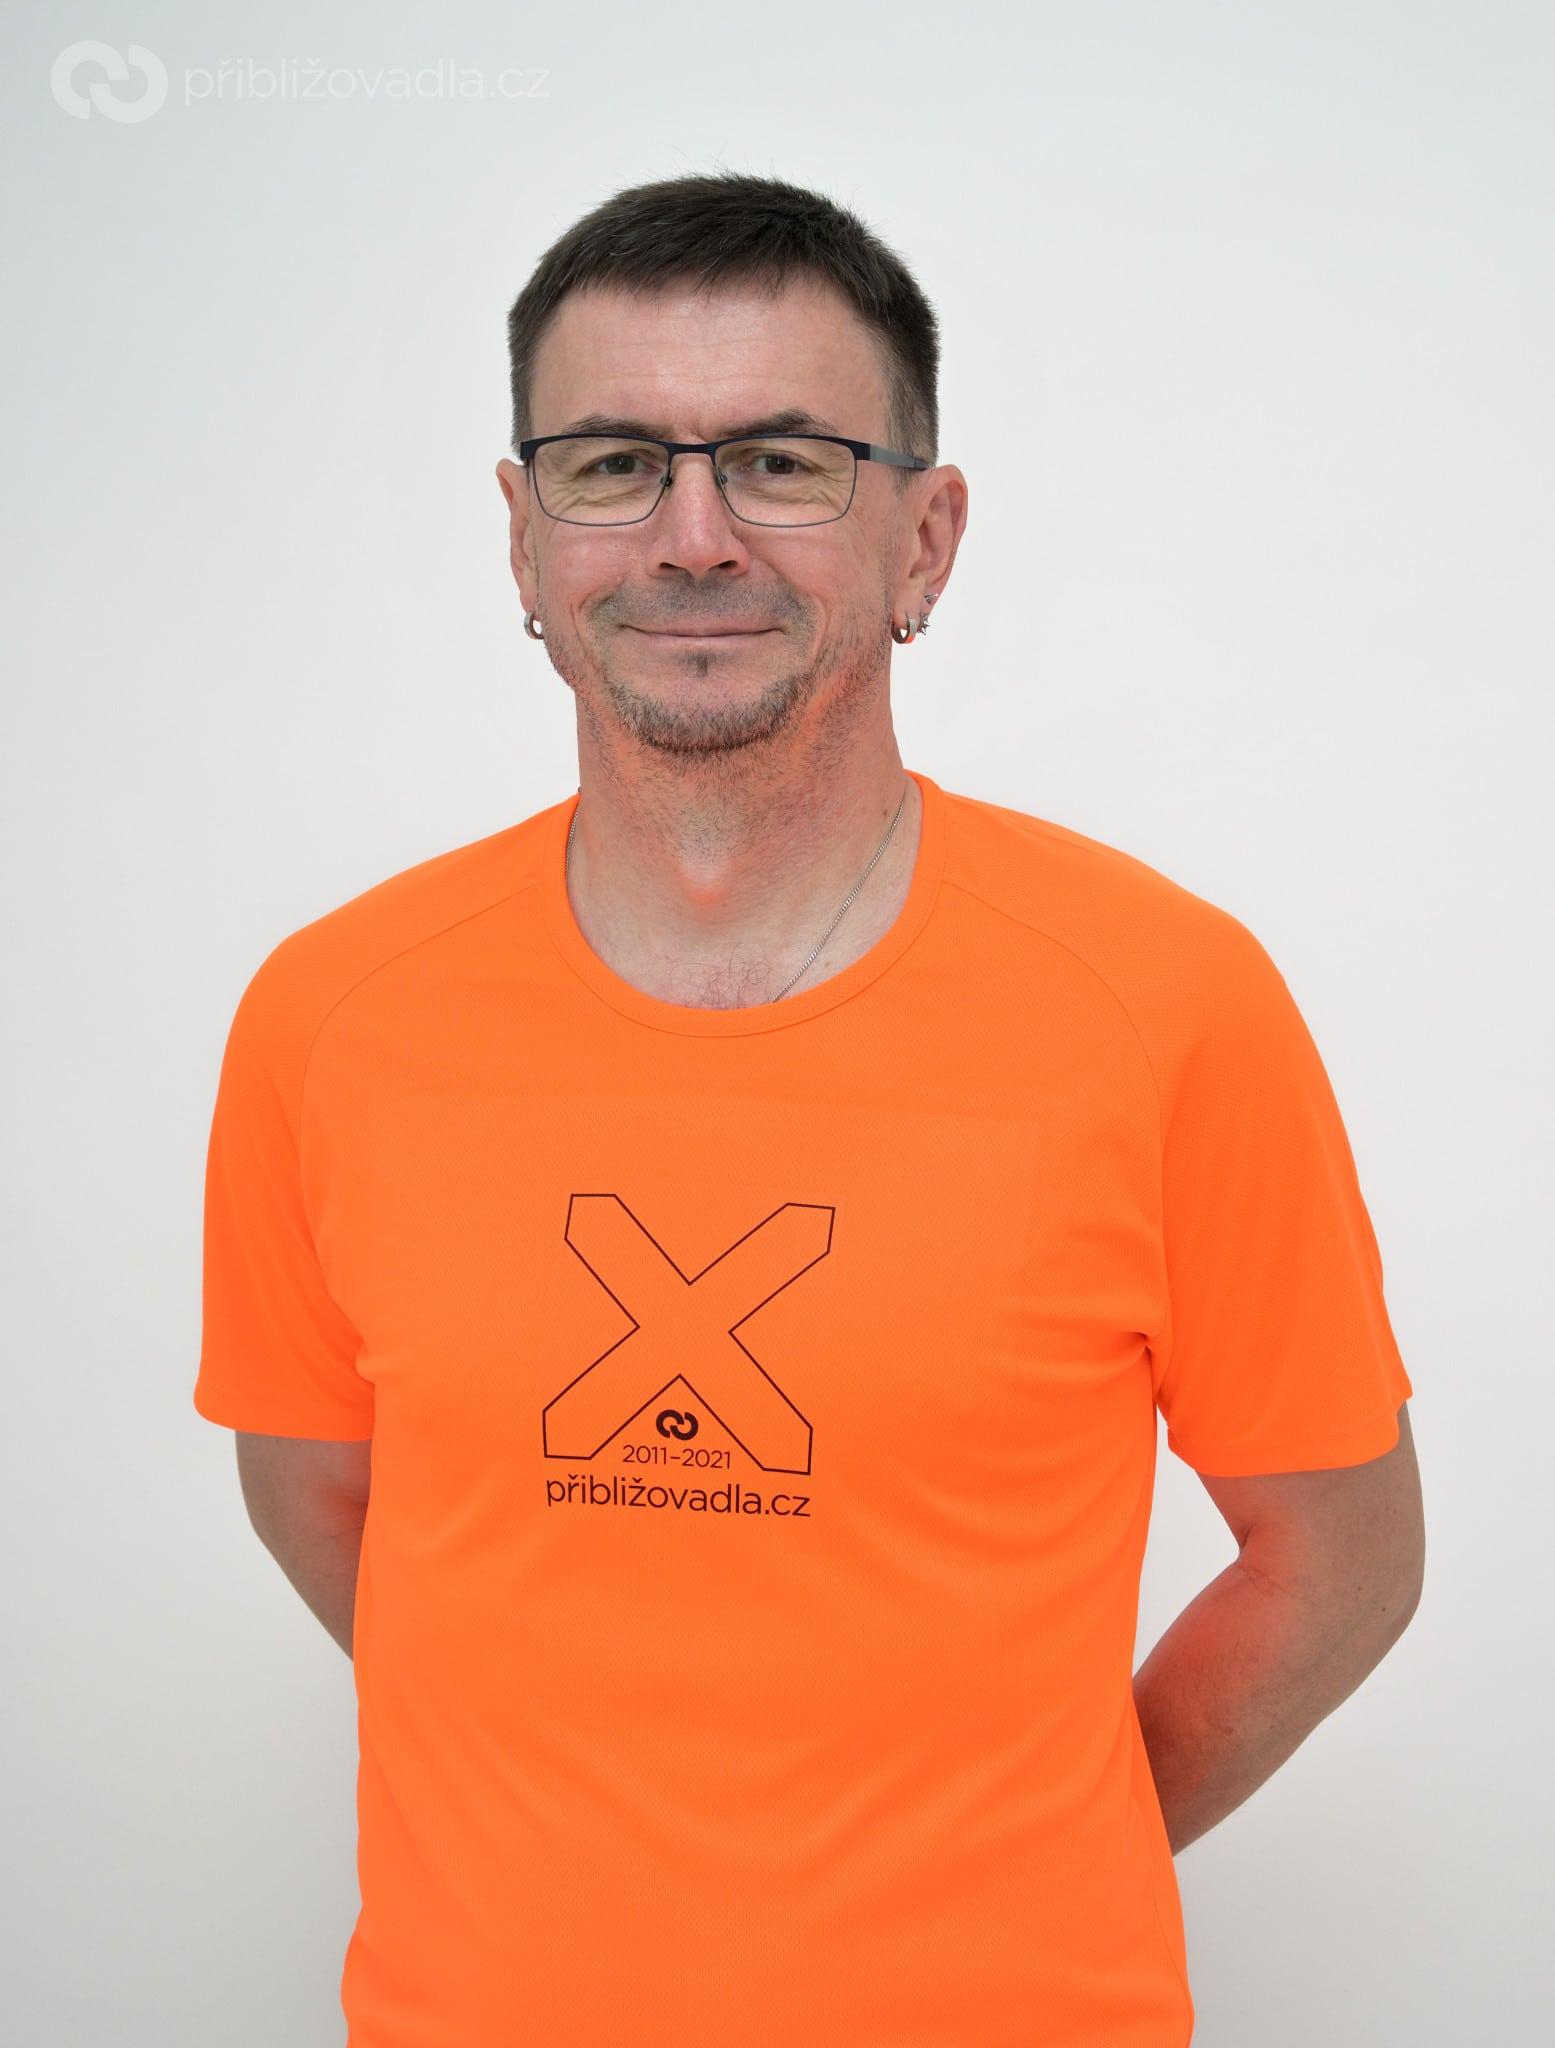 Výroční sportovní tričko Přibližovadel.cz